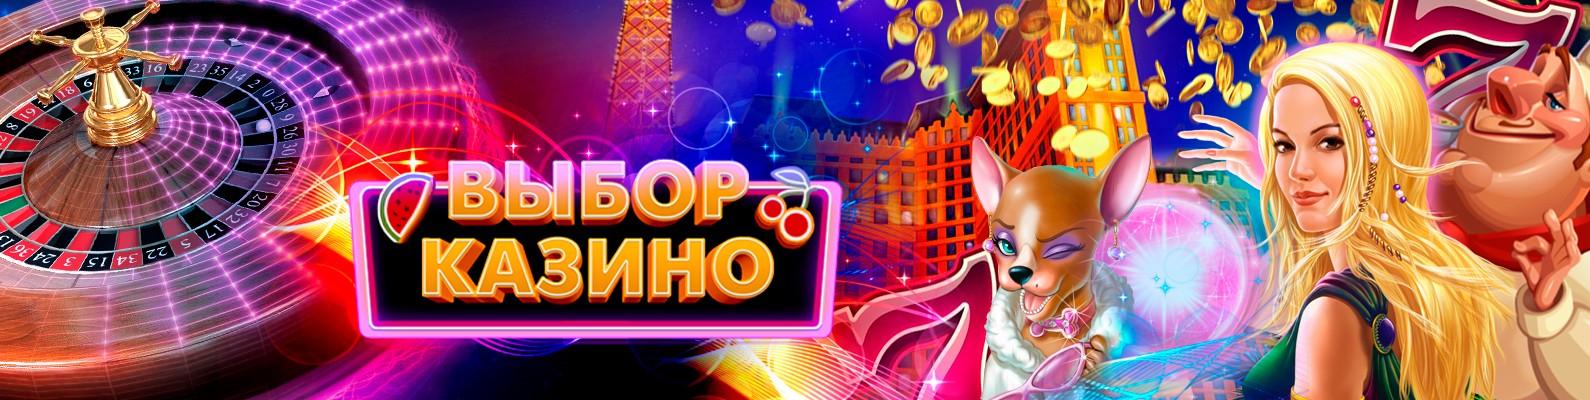 бездепозитные казино русскоязычные онлайн